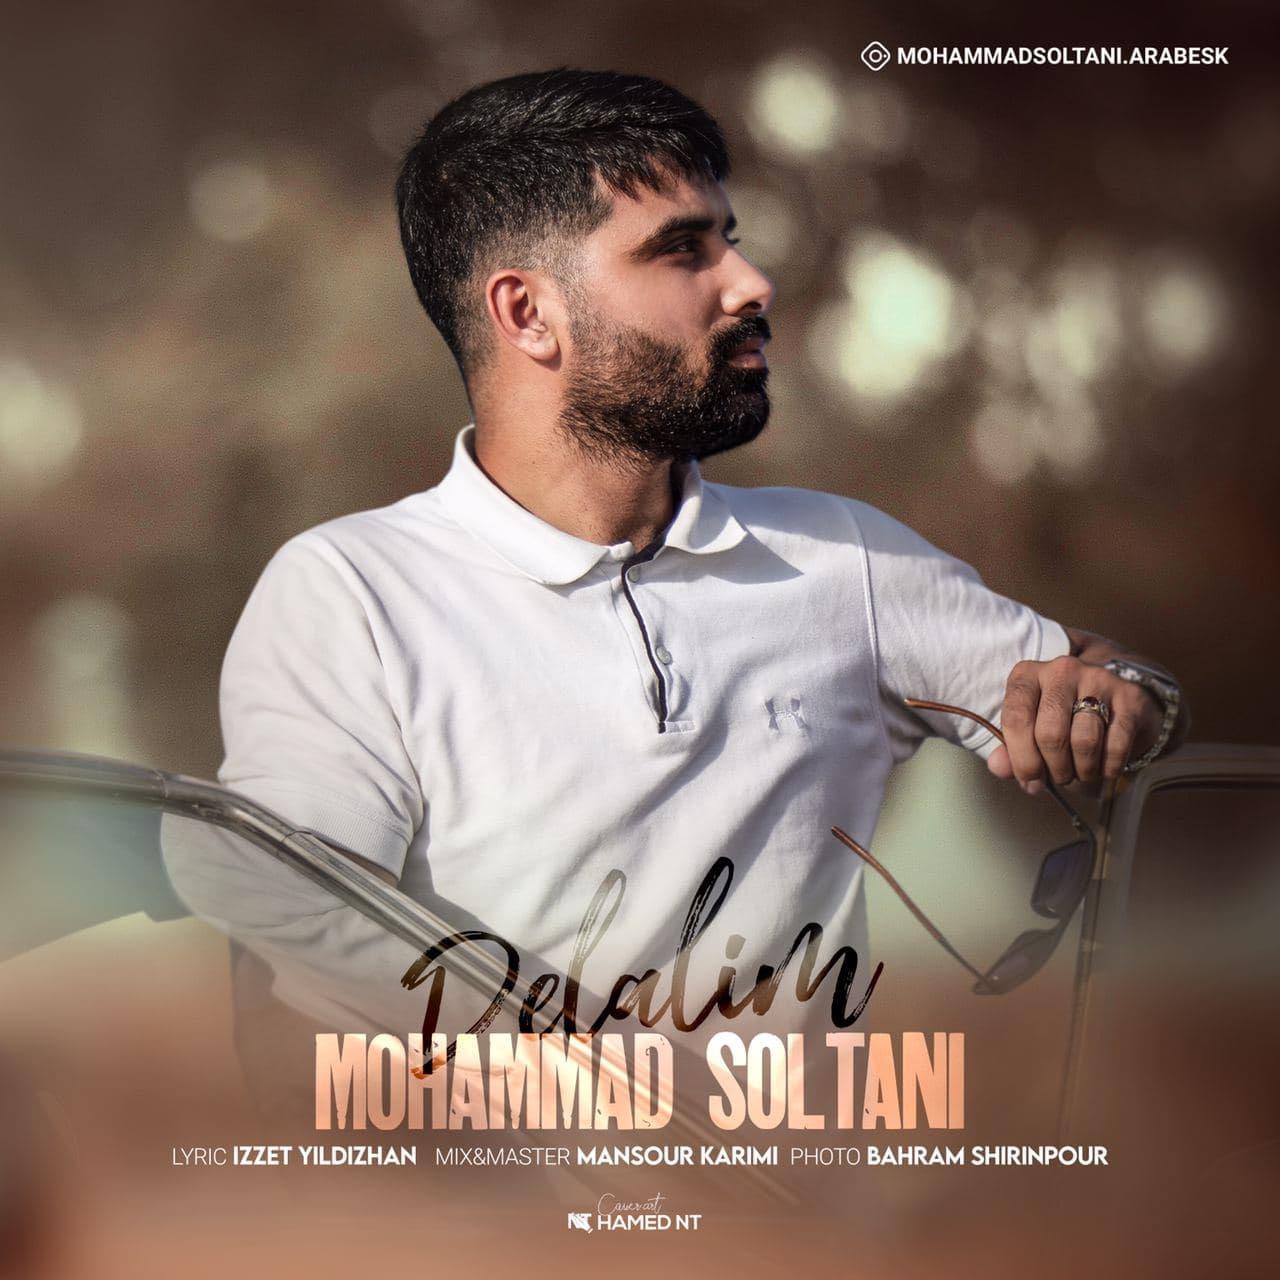 دانلود آهنگ دلالیم محمد سلطانی